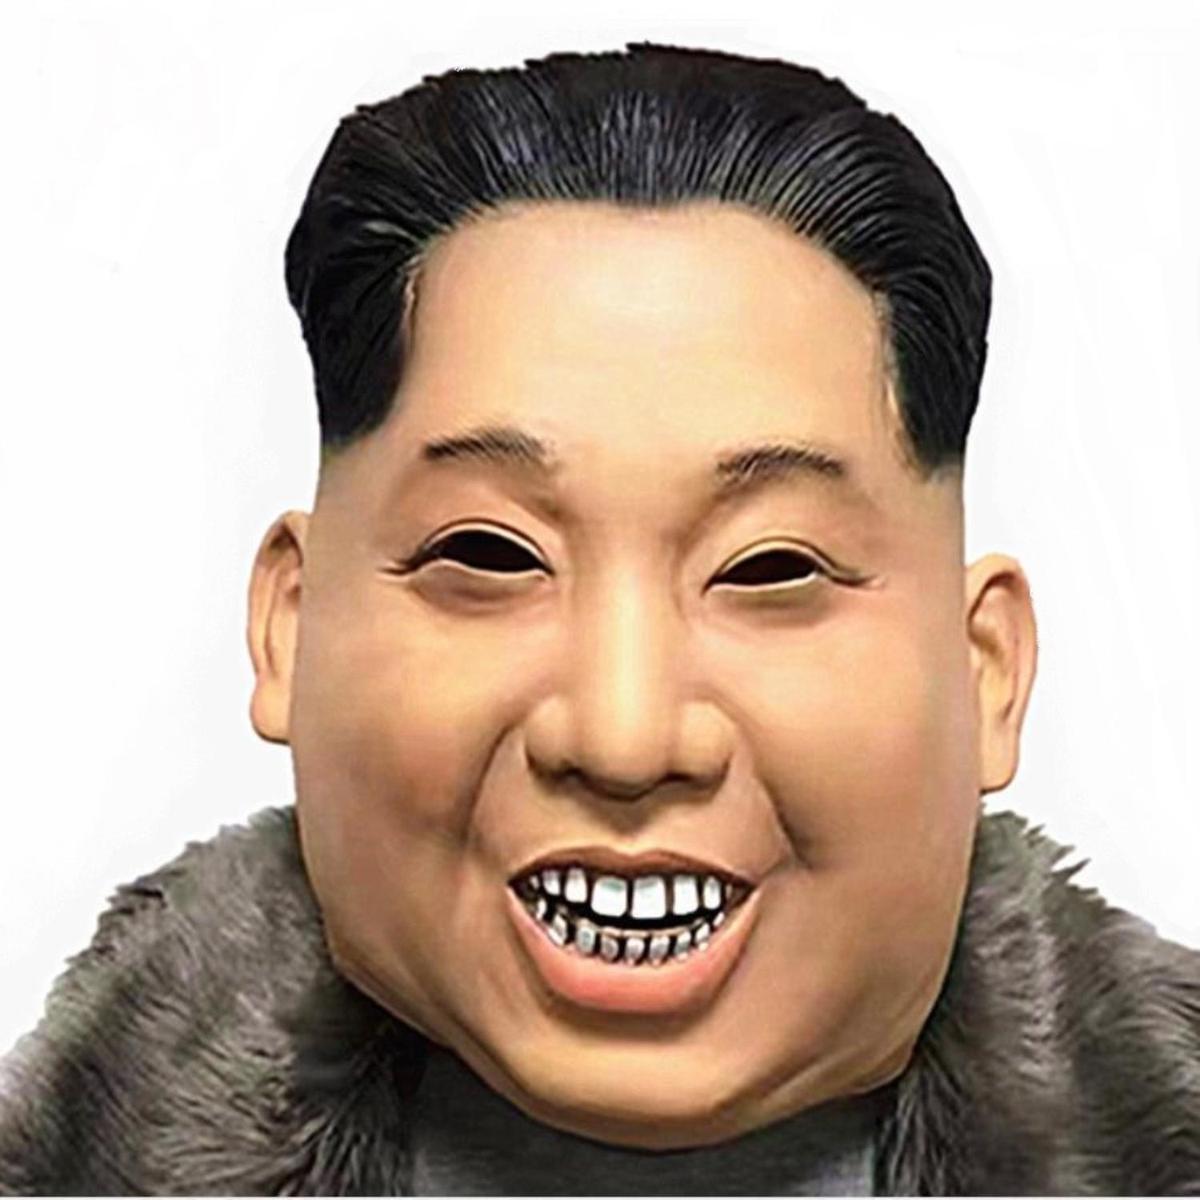 北の指導者 マスク ラバーマスク 政治家 有名人 なりきり お面 パーティー ハロウィン 仮装 コスプレ